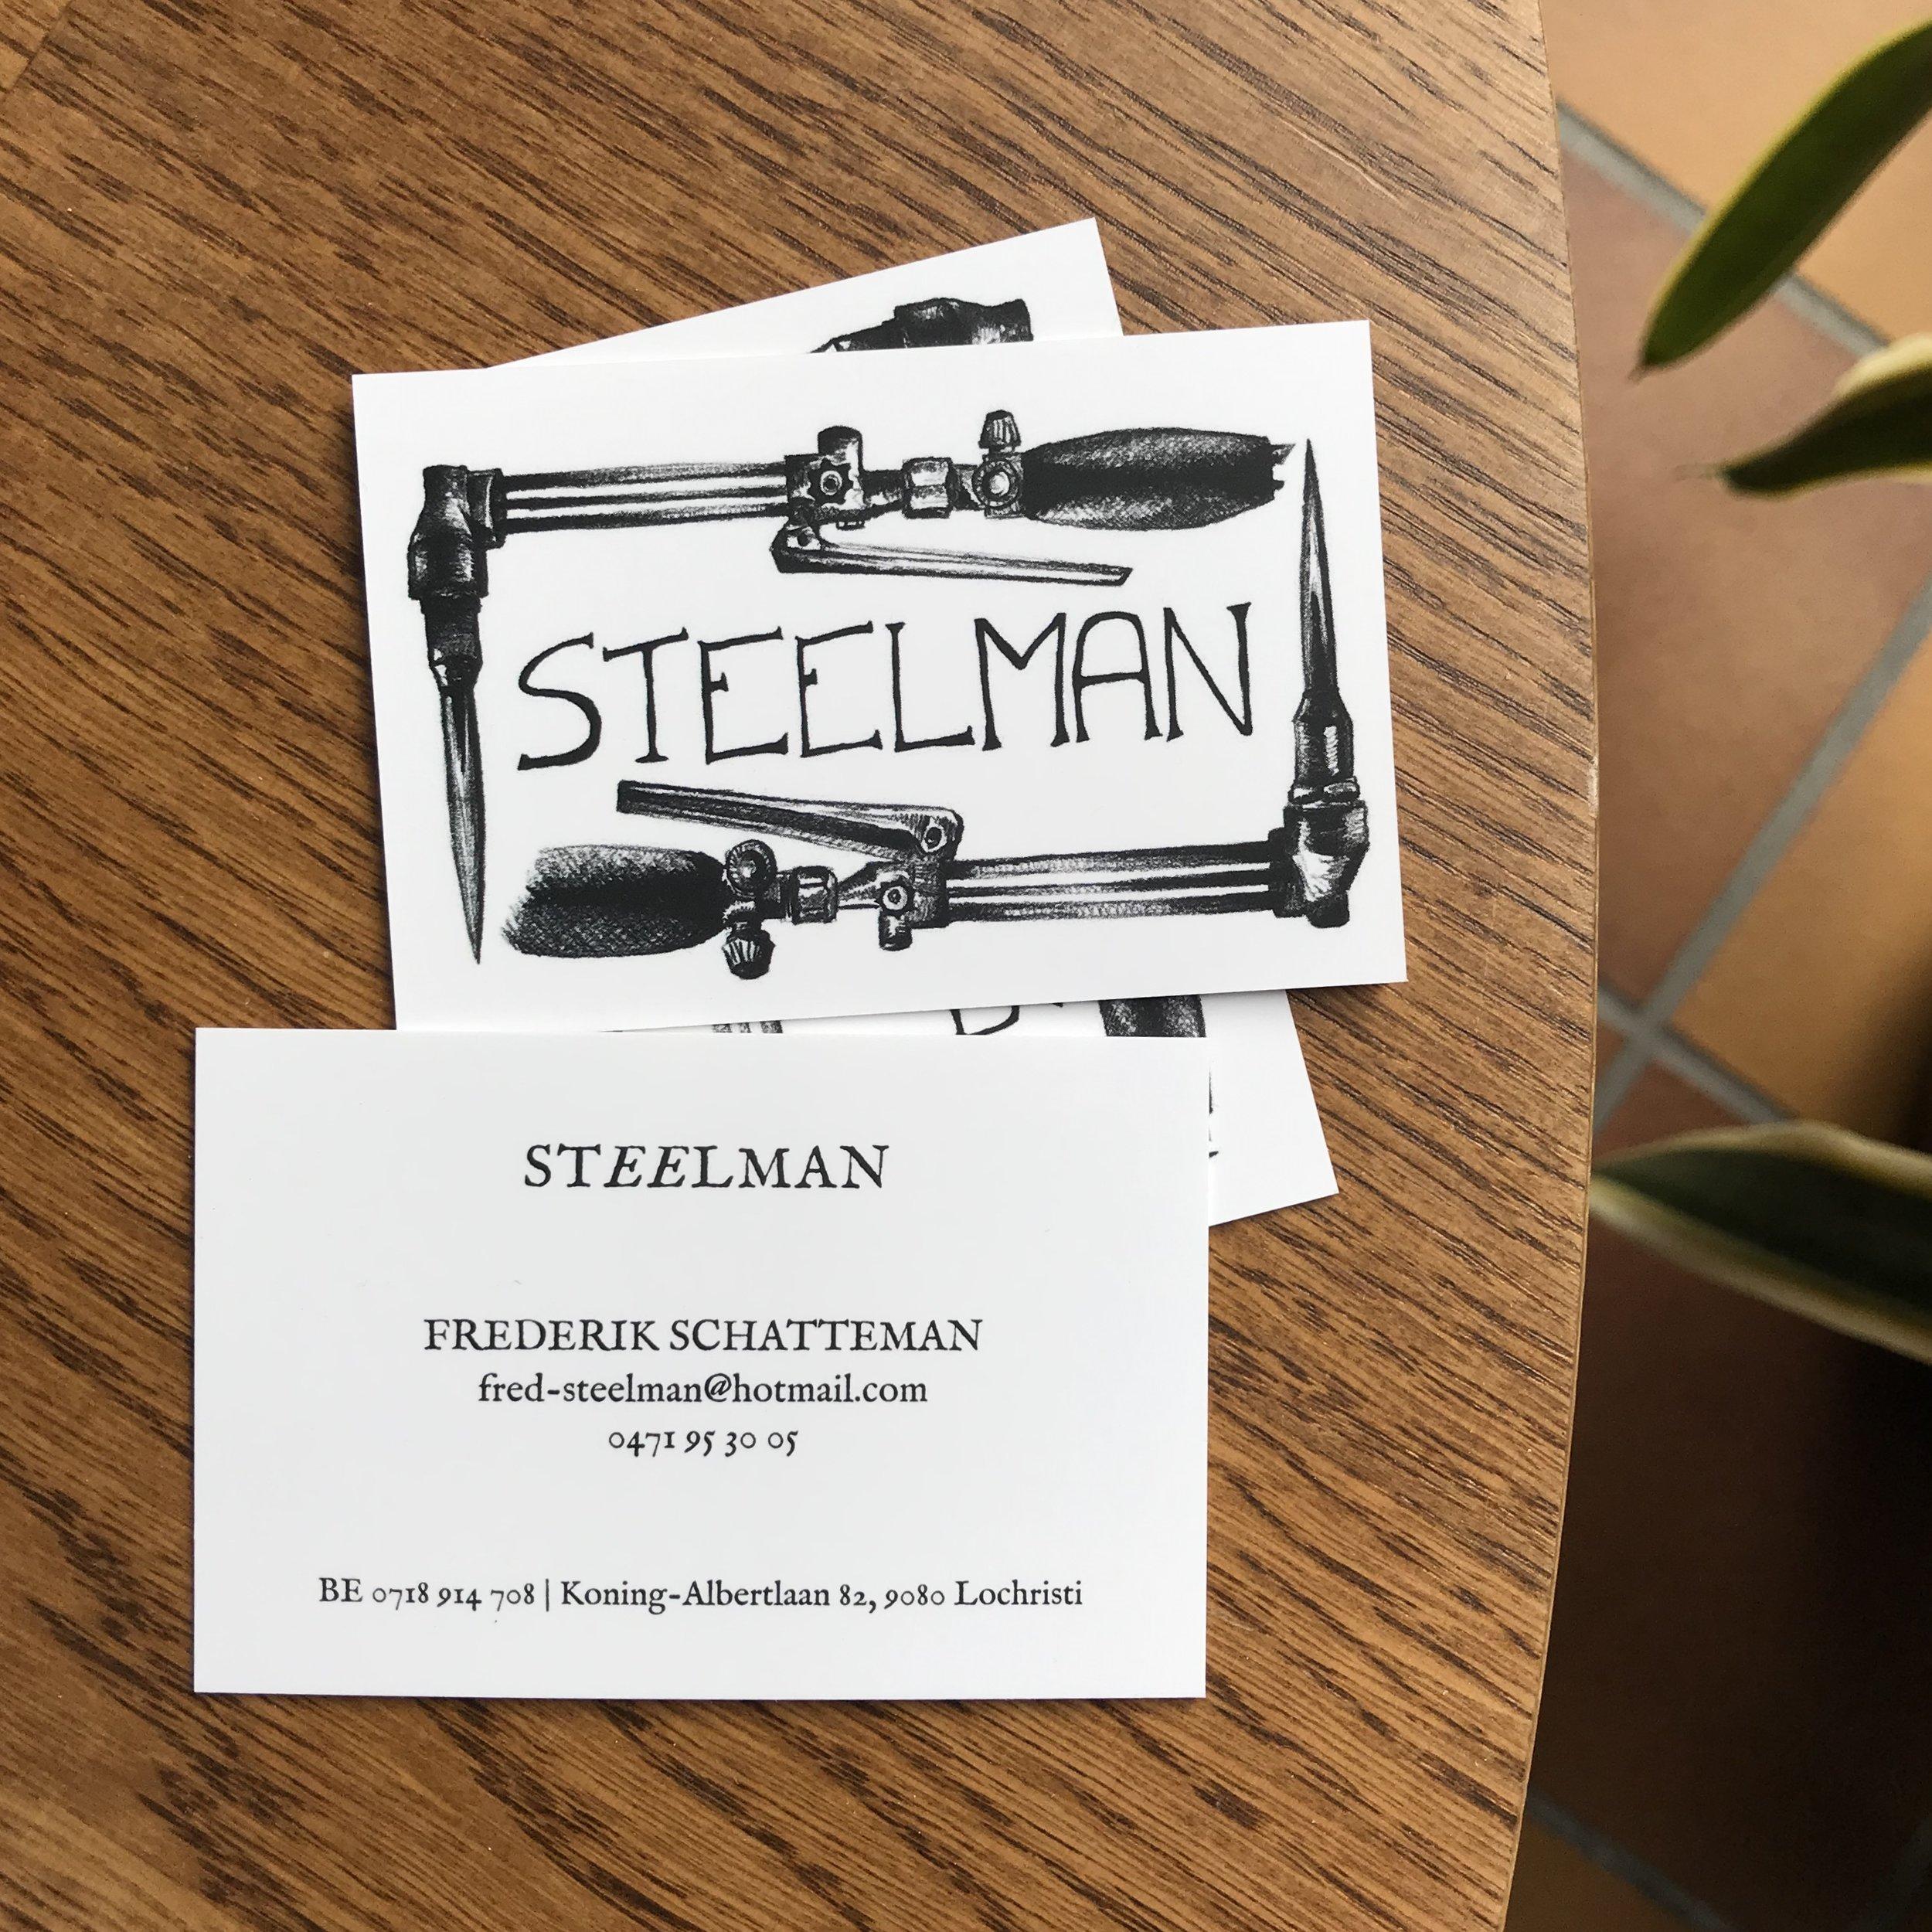 business cards voor steelman